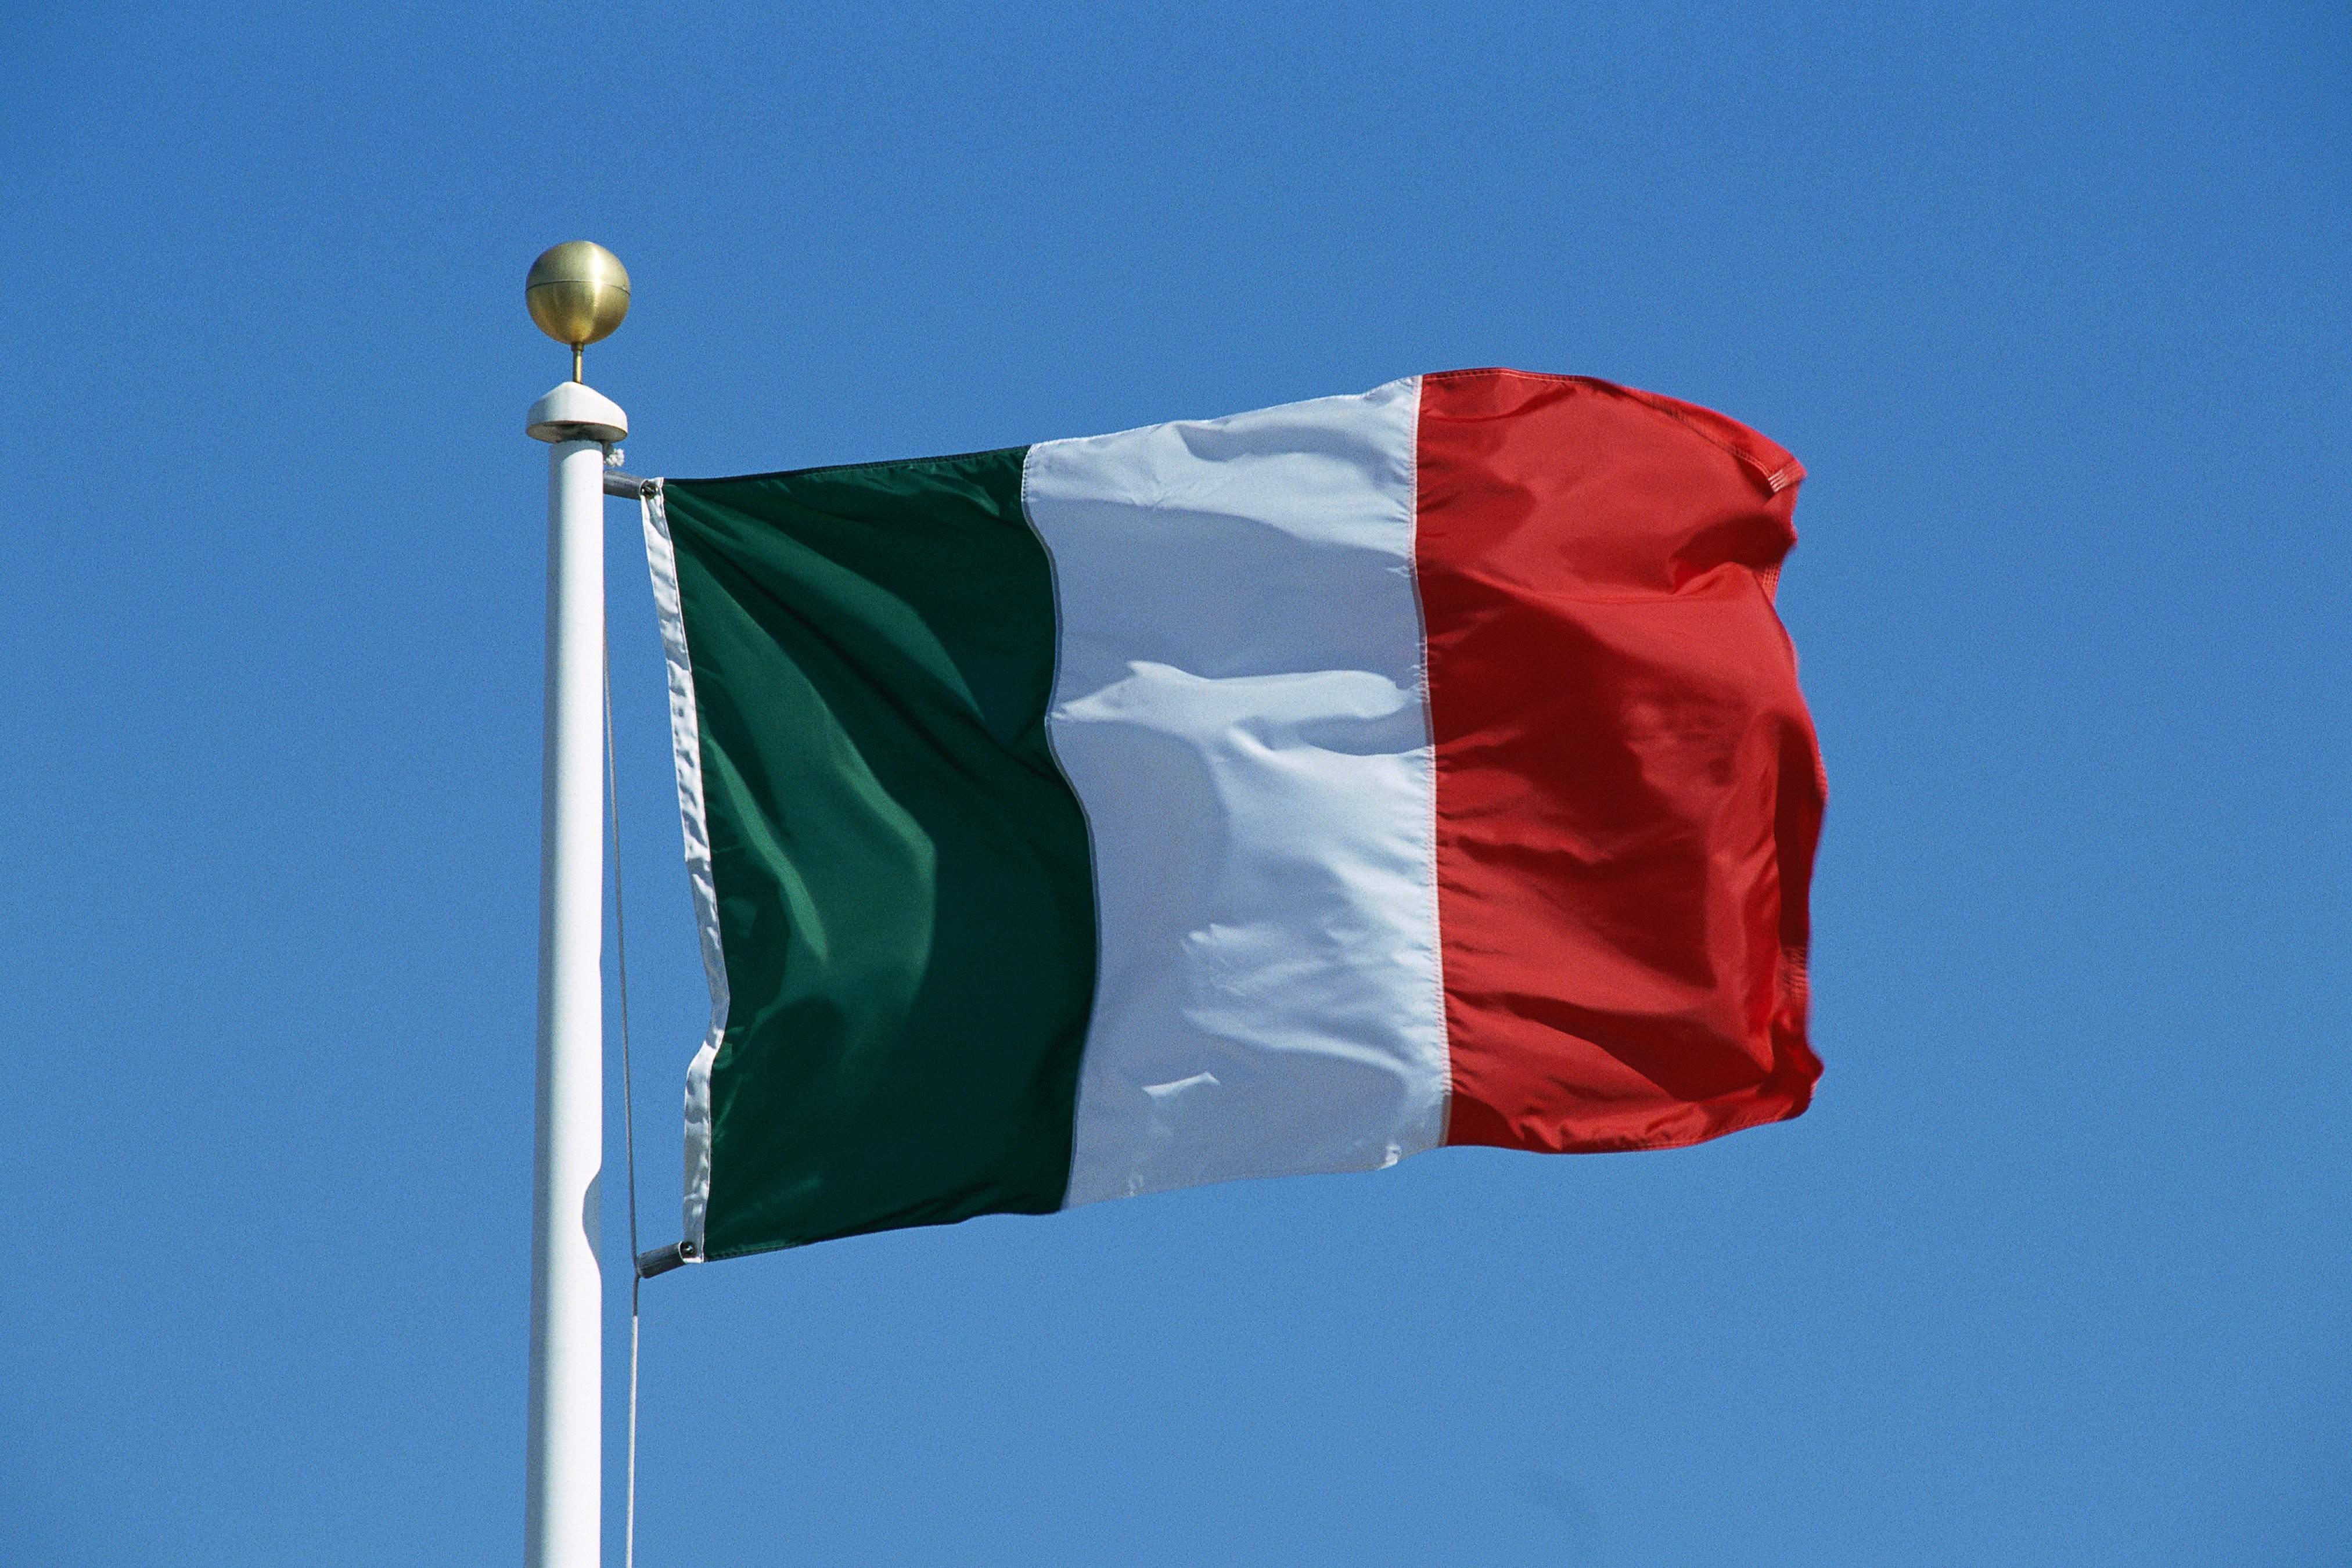 La bandiera italiana celebrata nella festa del tricolore (B1- B2)